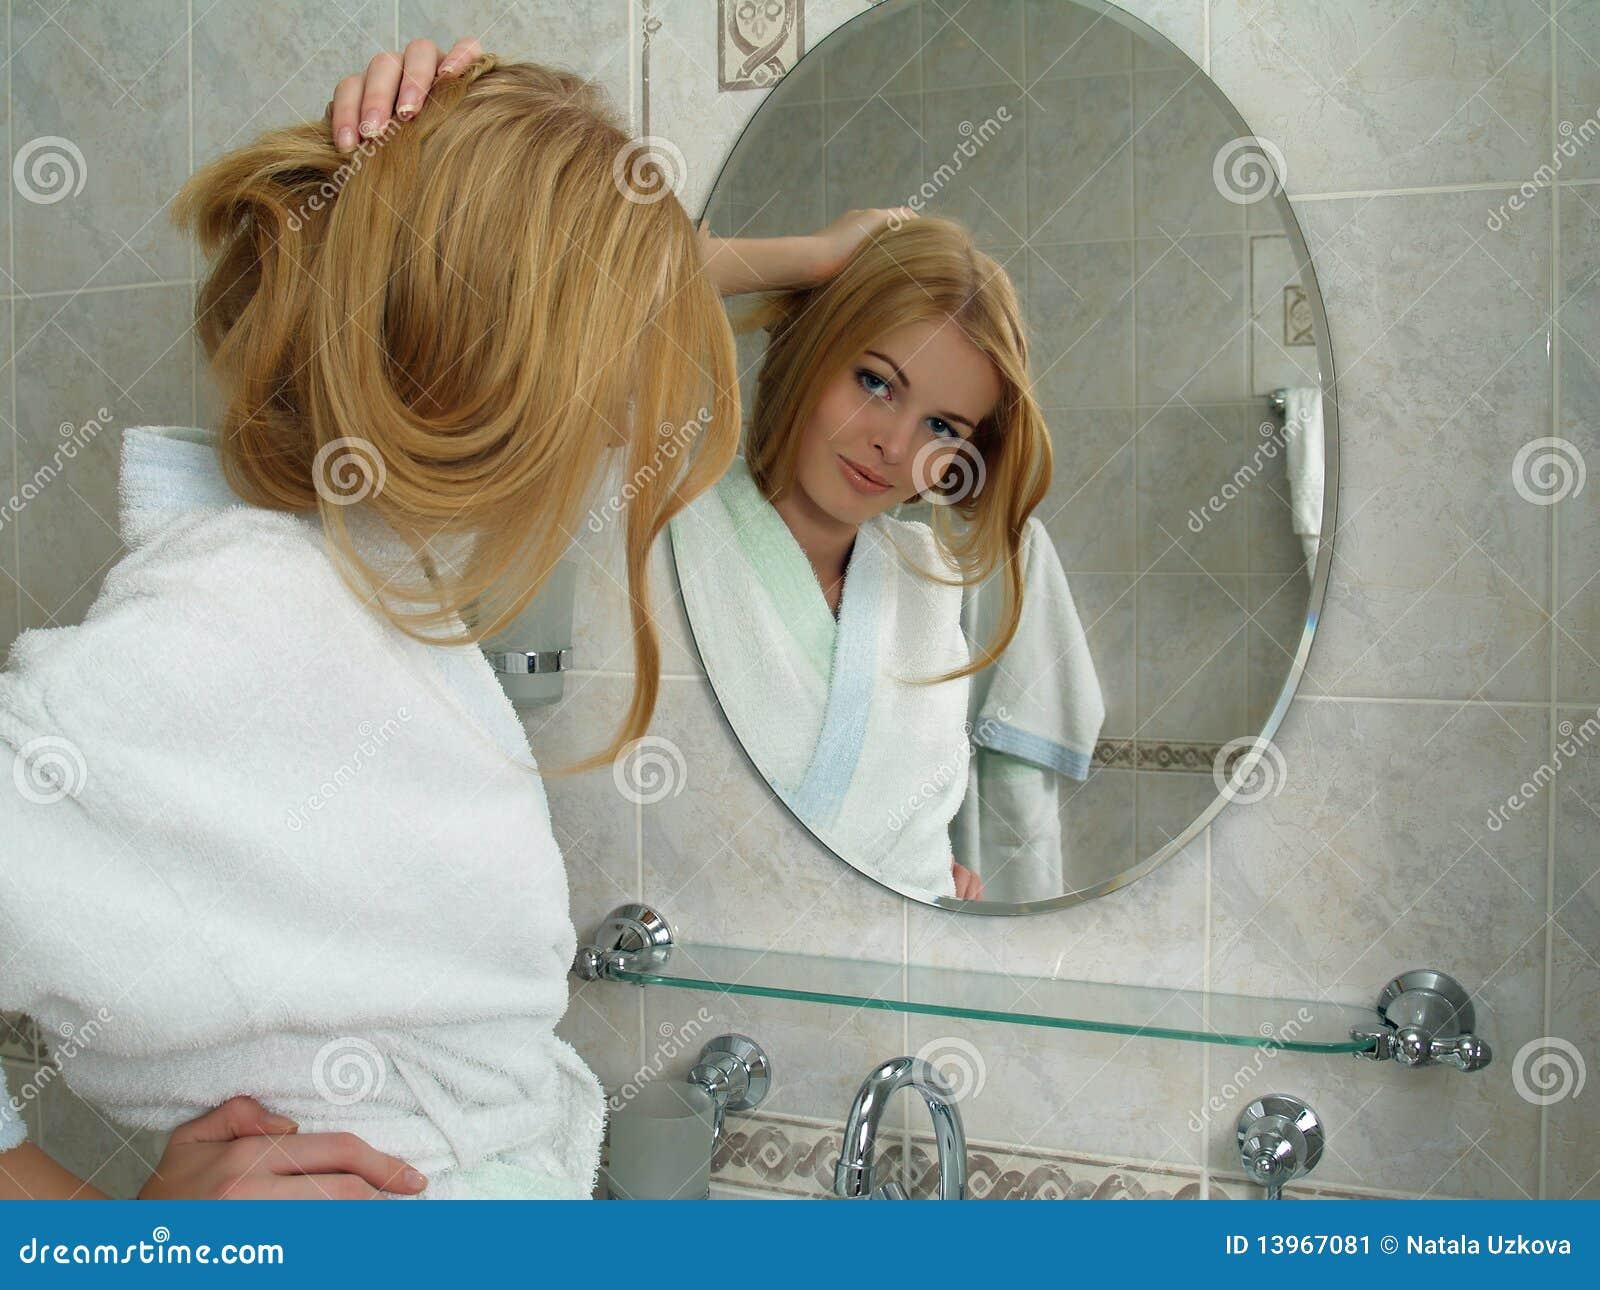 Смотреть бесплатно девочка в ванной 5 фотография